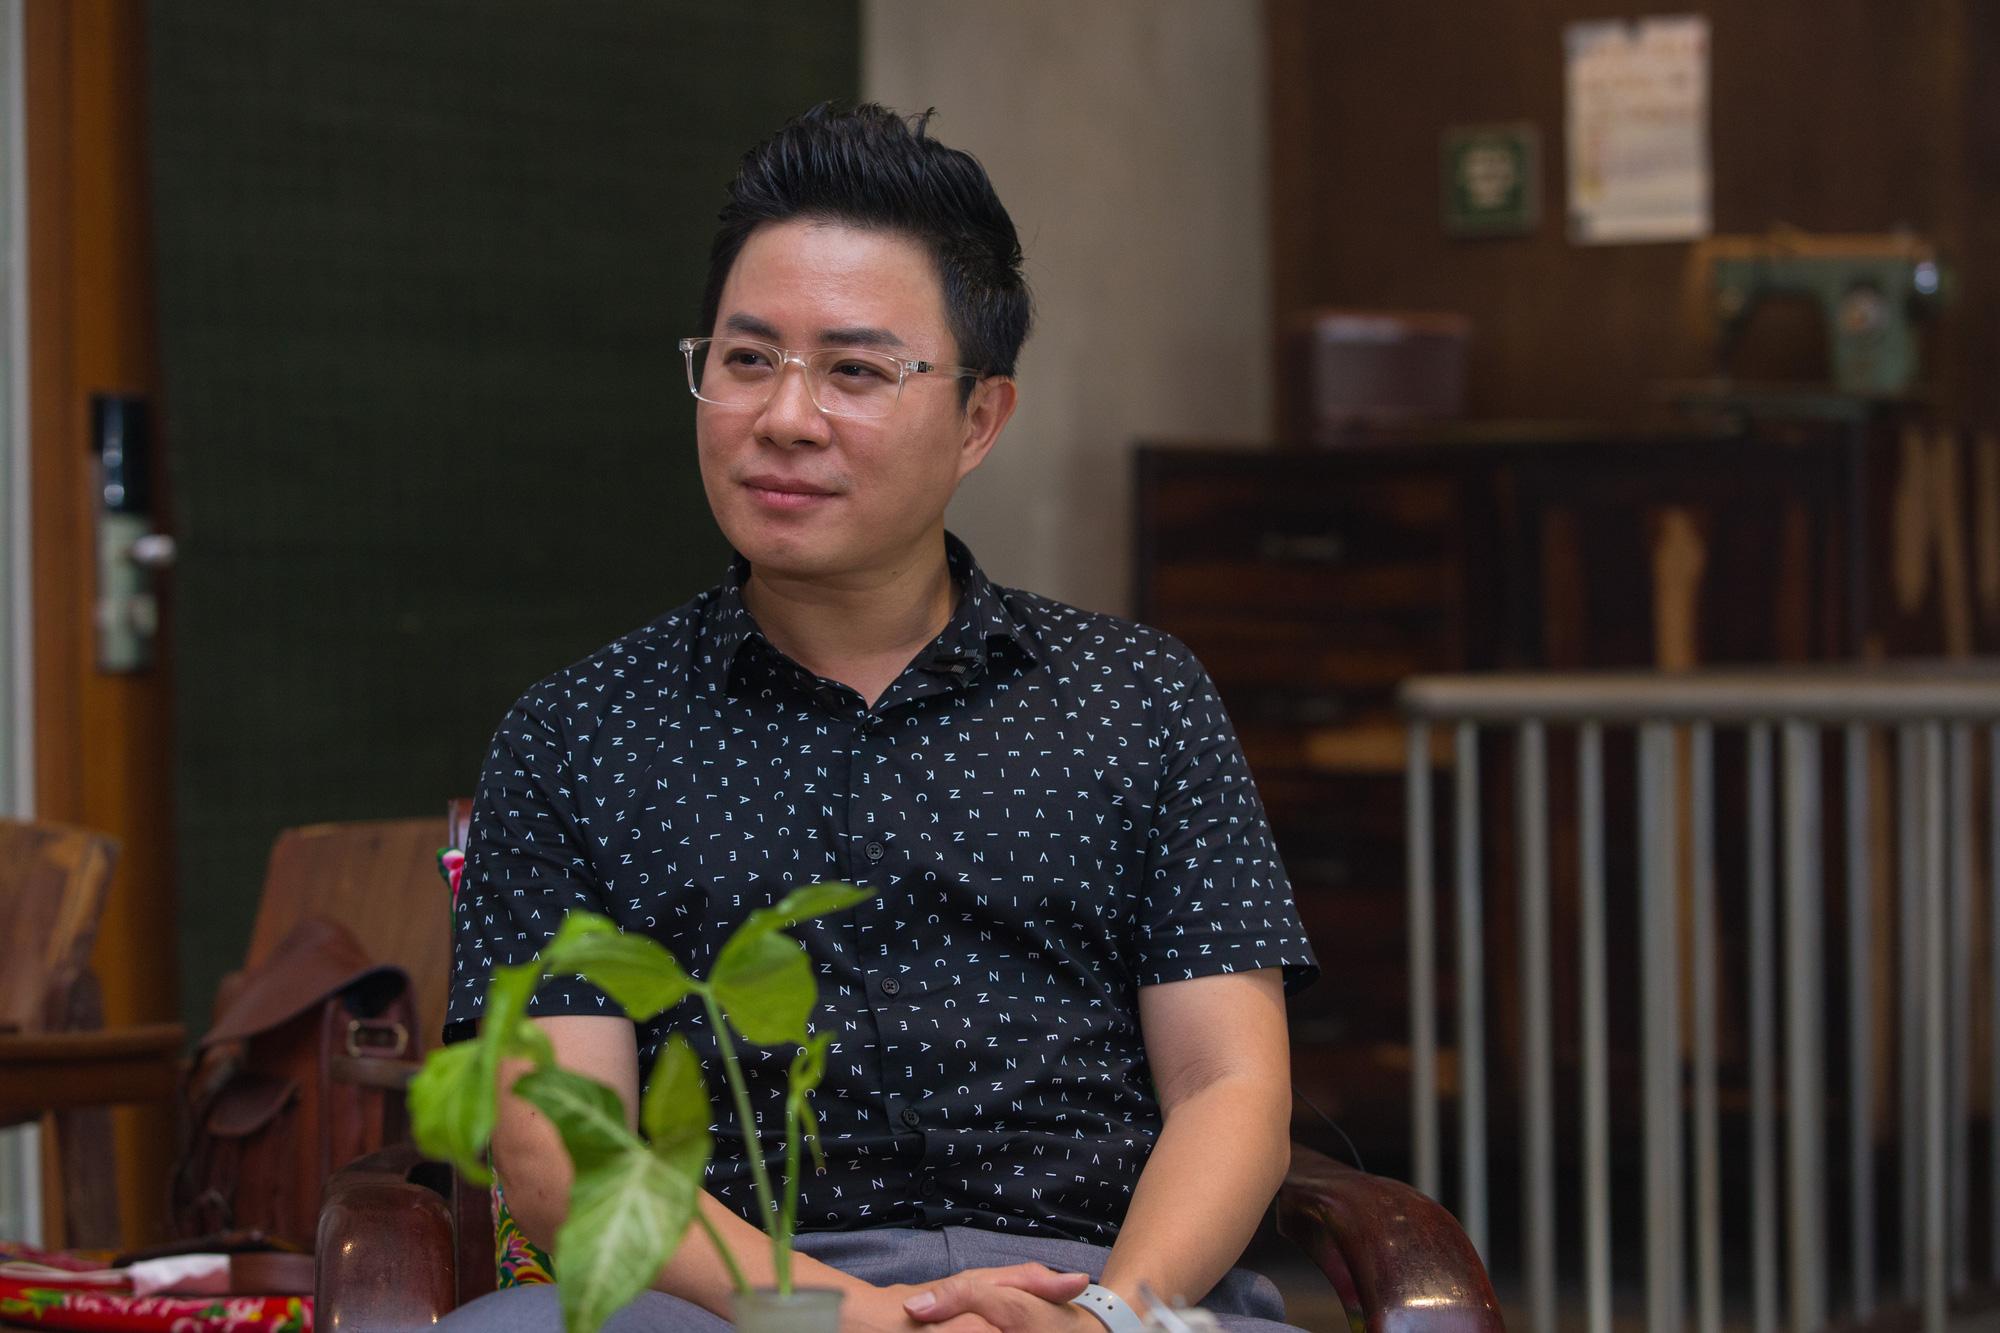 """MC Lê Anh: """"Tôi đã phải chịu nhiều đổ vỡ từ thời trai trẻ cho đến hôm nay"""" - Ảnh 4."""